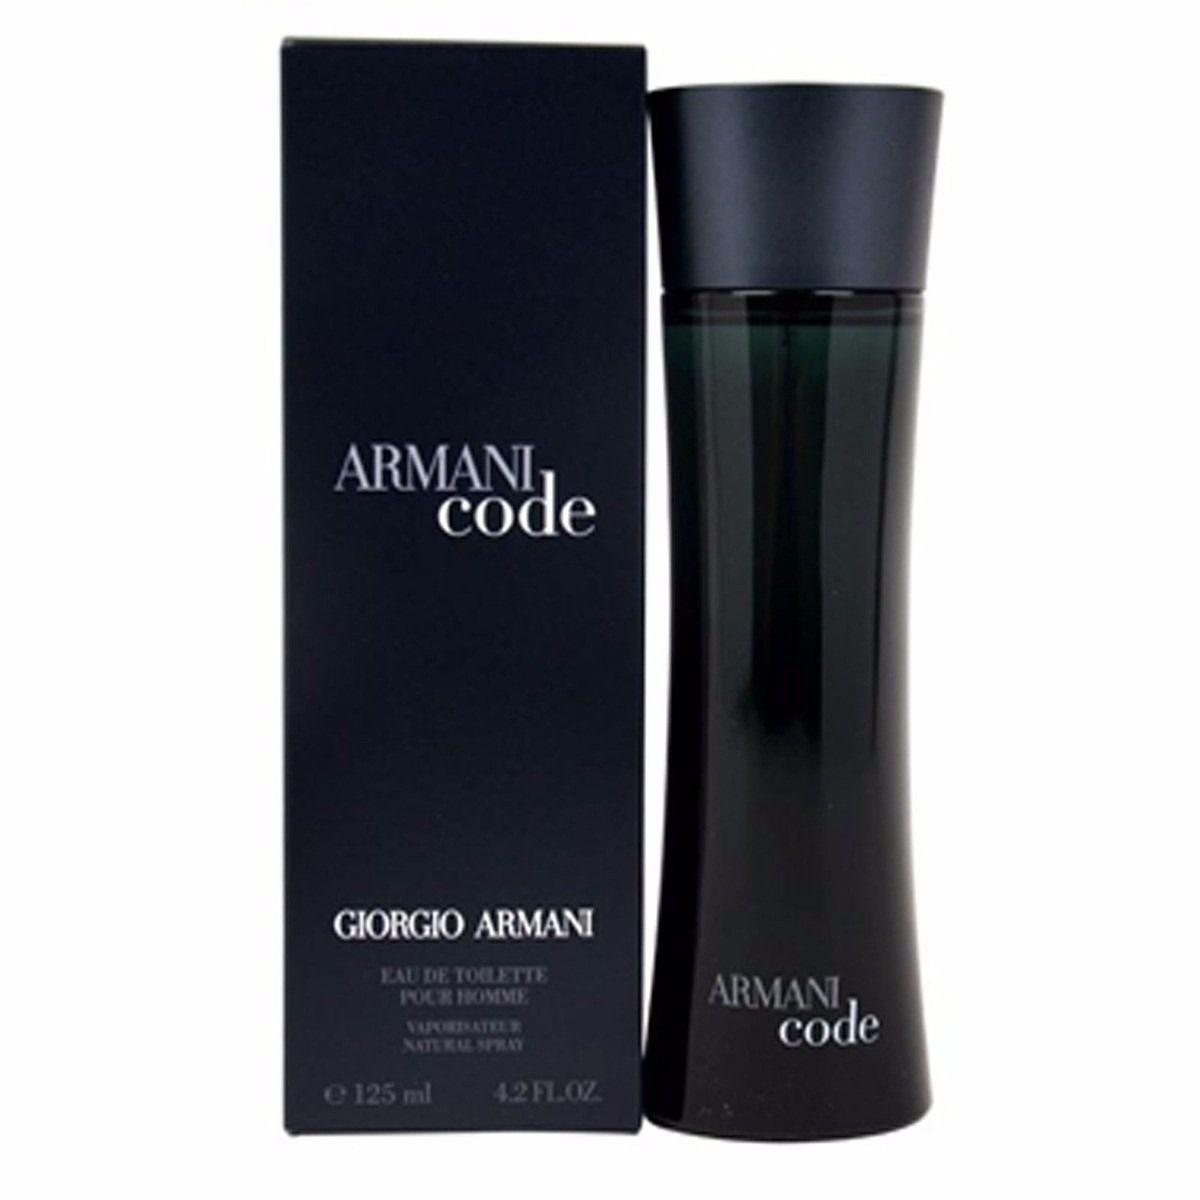 Armani Code Giorgio Armani Eau de Toilette - Perfume Masculino 125ml